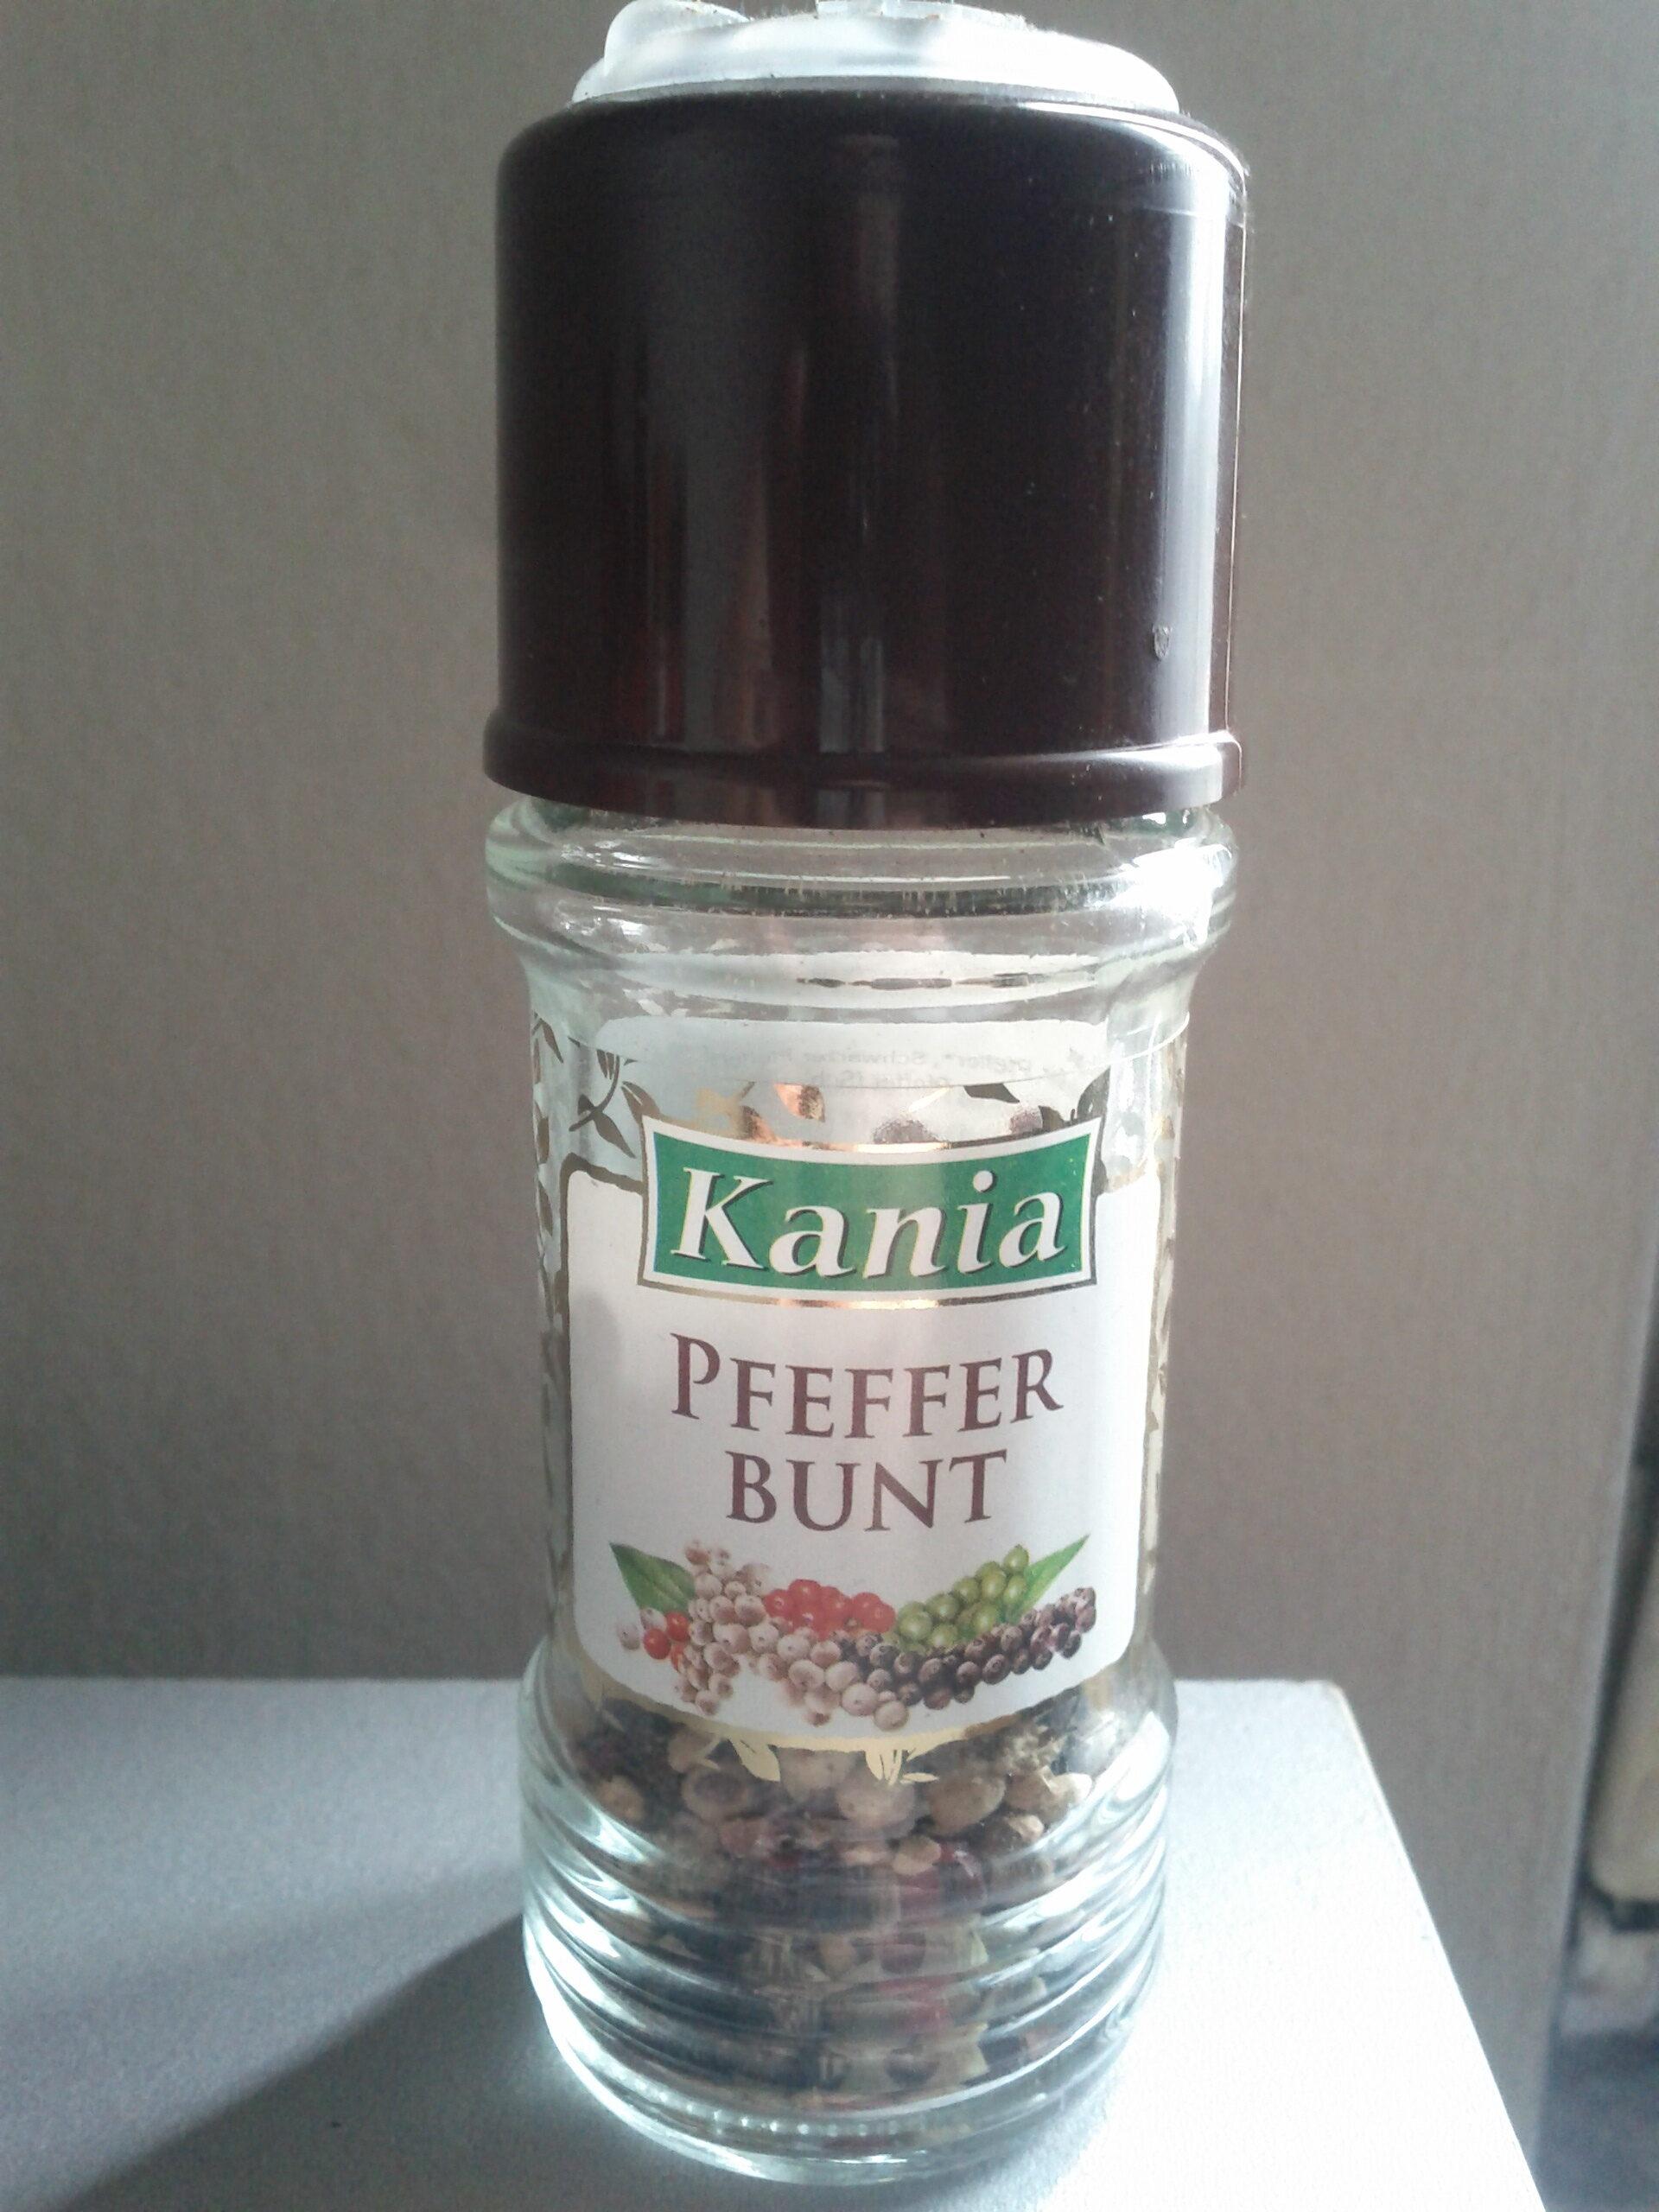 Pfeffer bunt - Prodotto - de